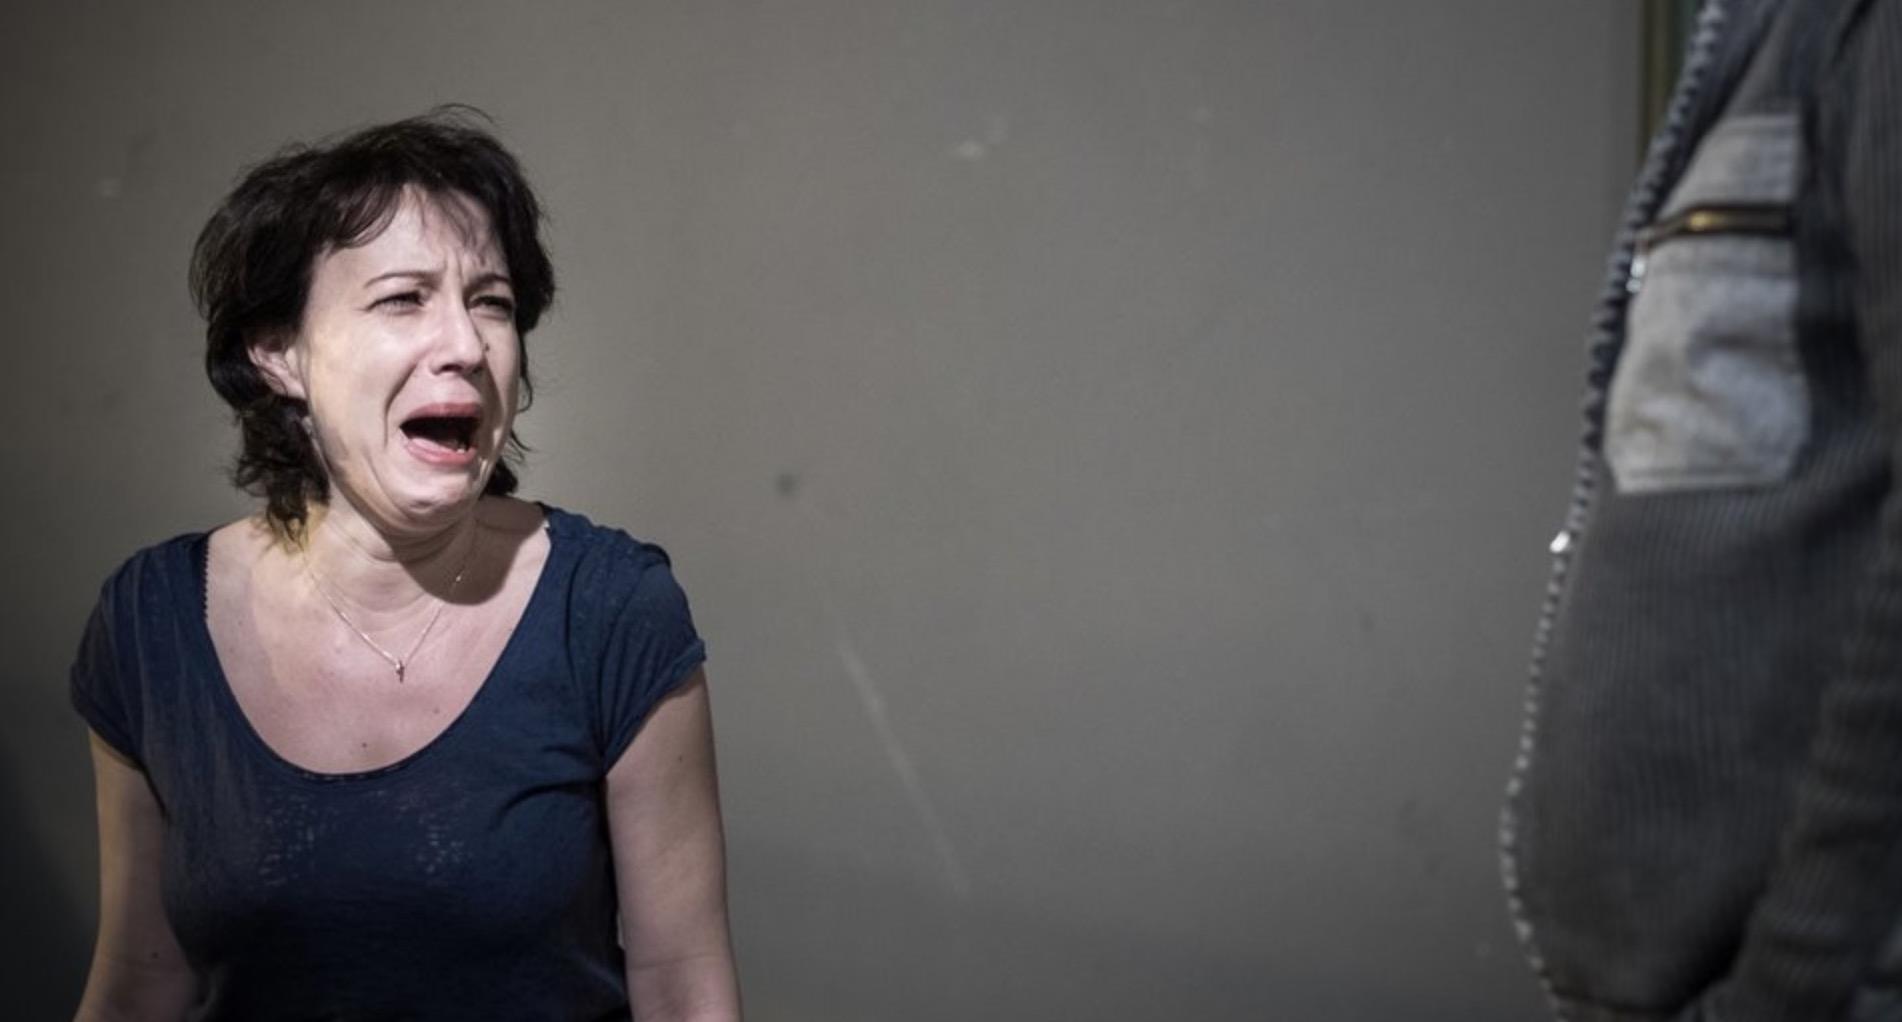 """Mirela Oprișor, cunoscută și ca """"Aspirina"""" din Las Fierbinți a fost agresată sexual un coleg"""